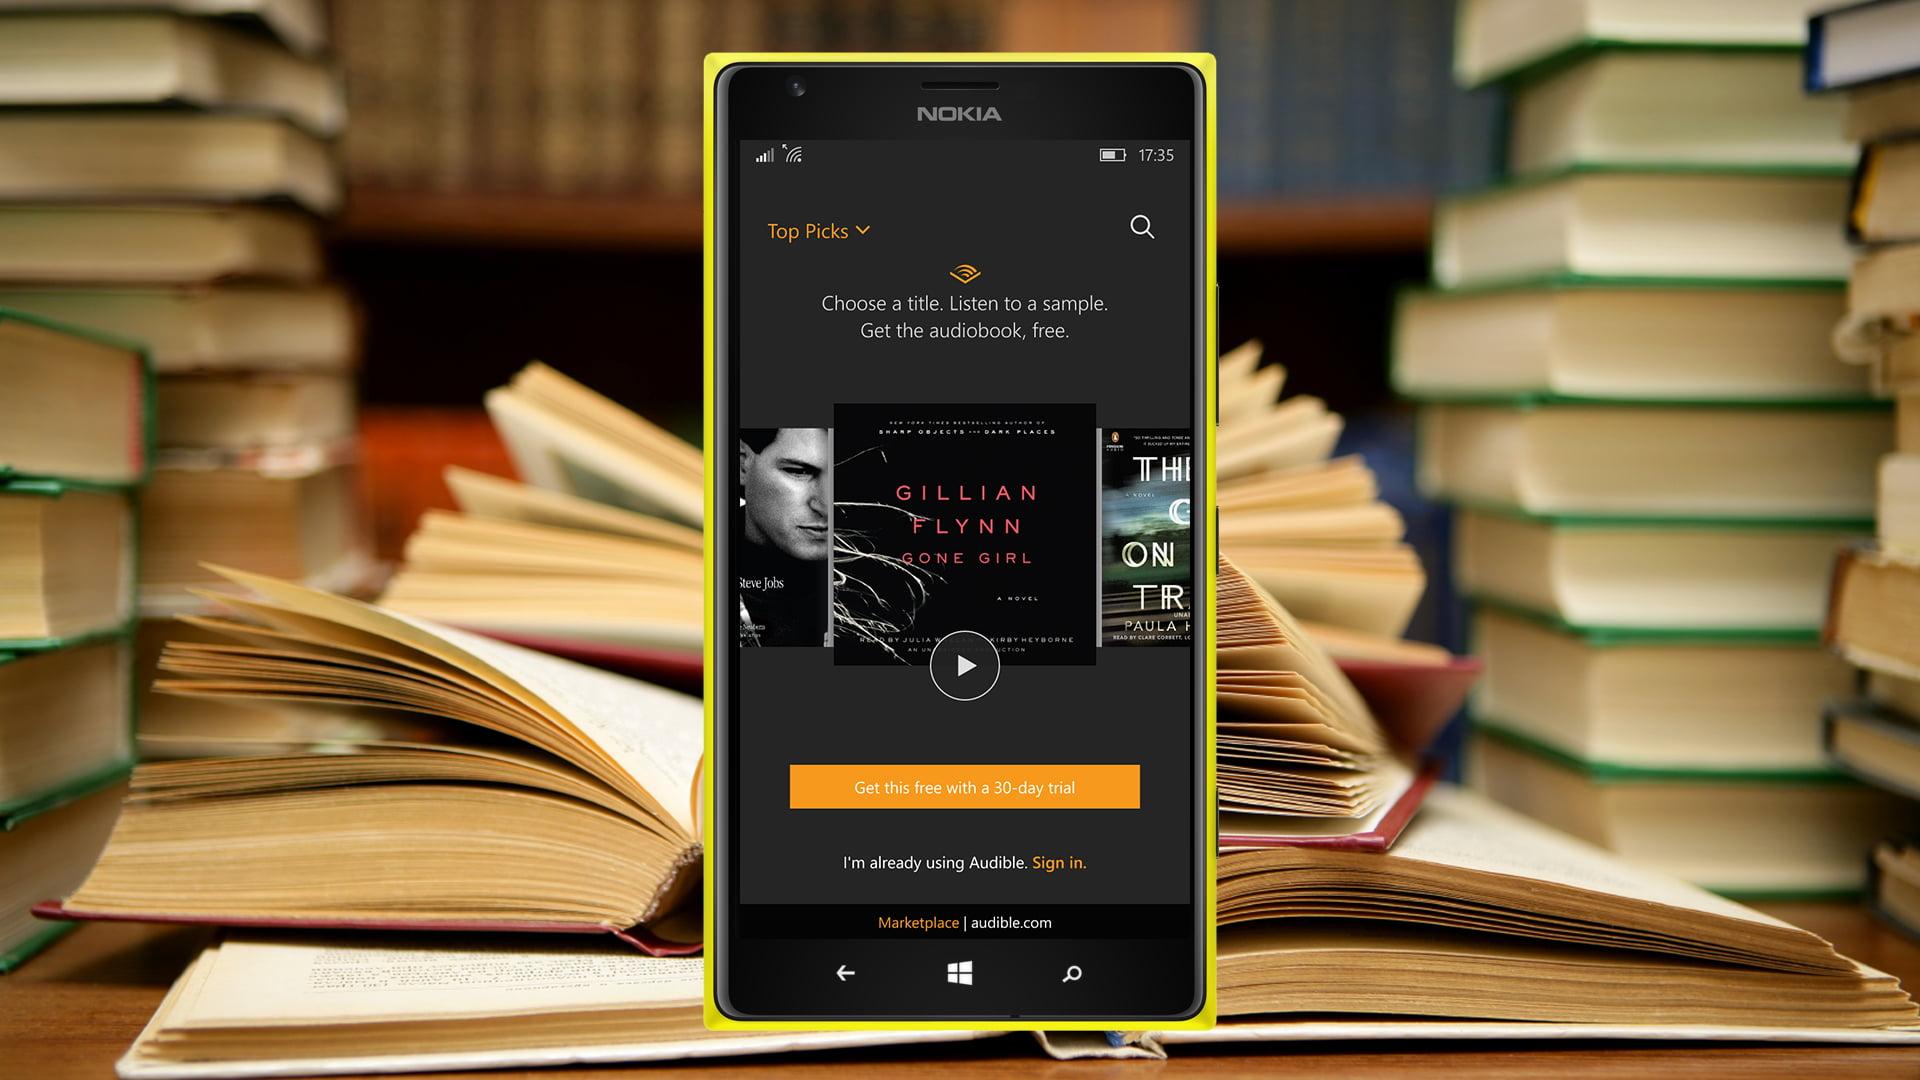 Windows 10 ya tiene una nueva app de Audible